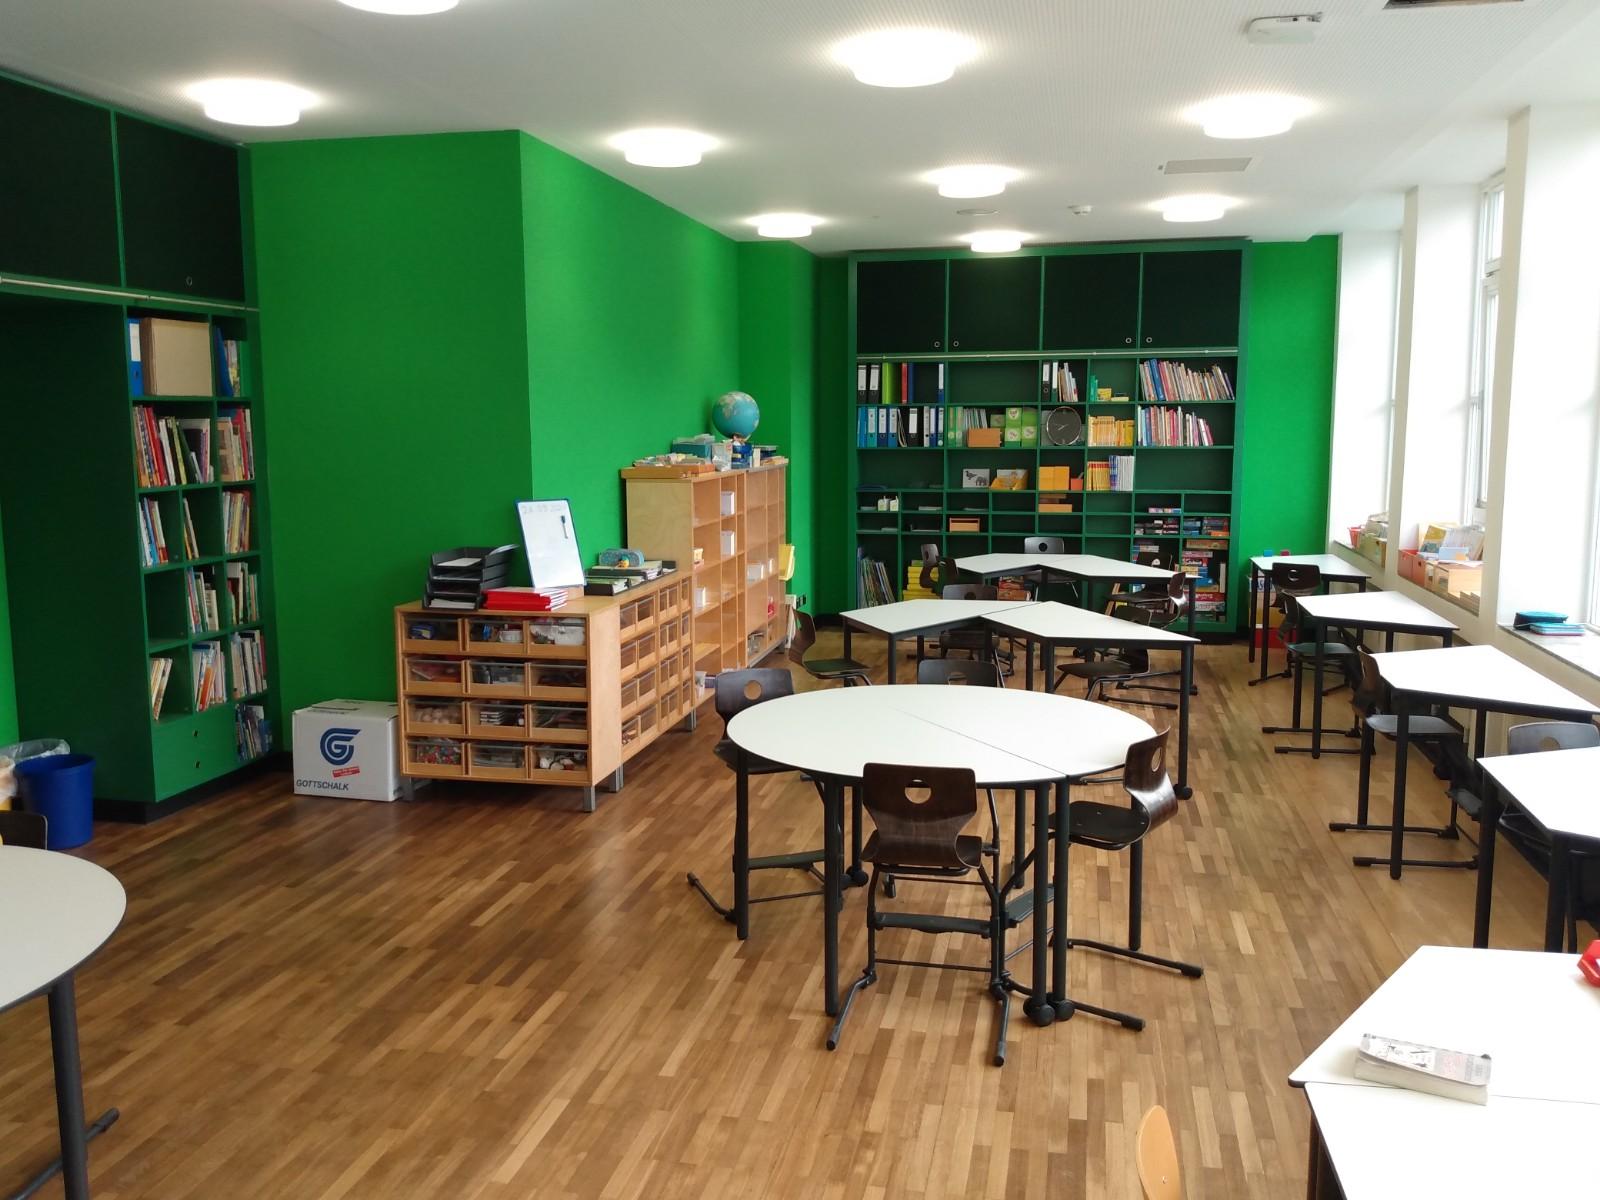 Klassenraum grünes Cluster (2.OG)